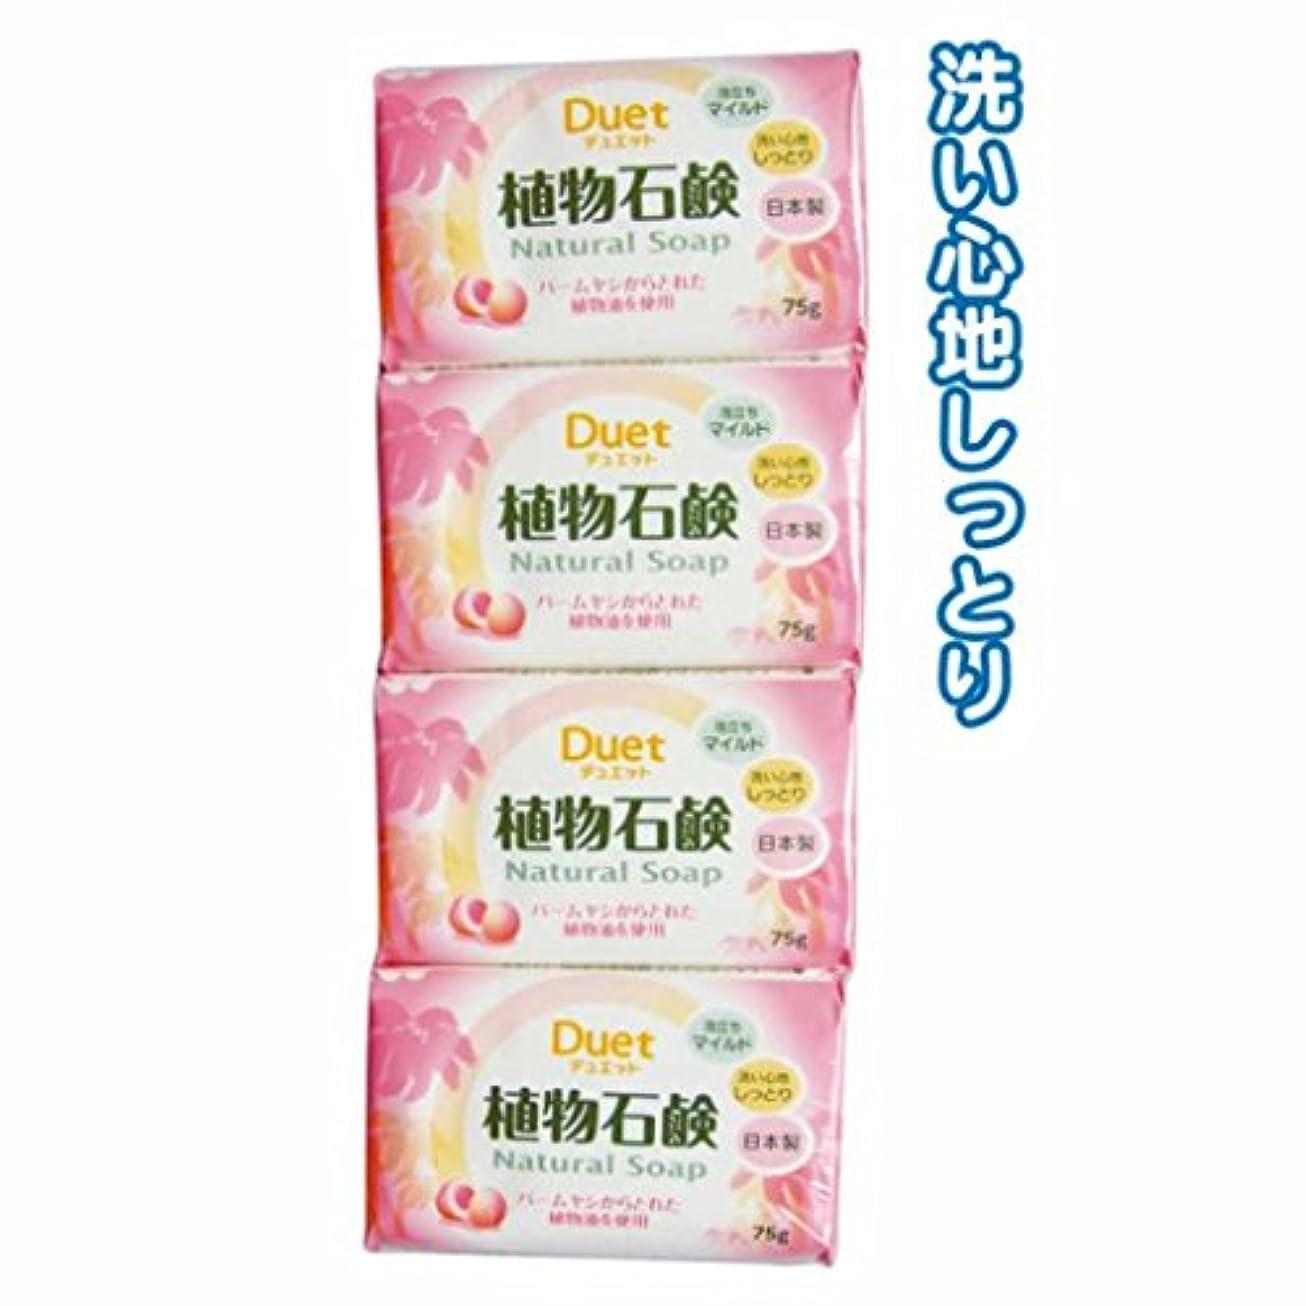 供給代名詞食物日本製 Japan デュエット植物石鹸75g 【まとめ買い4個入り×240パック 合計960個セット】 46-202